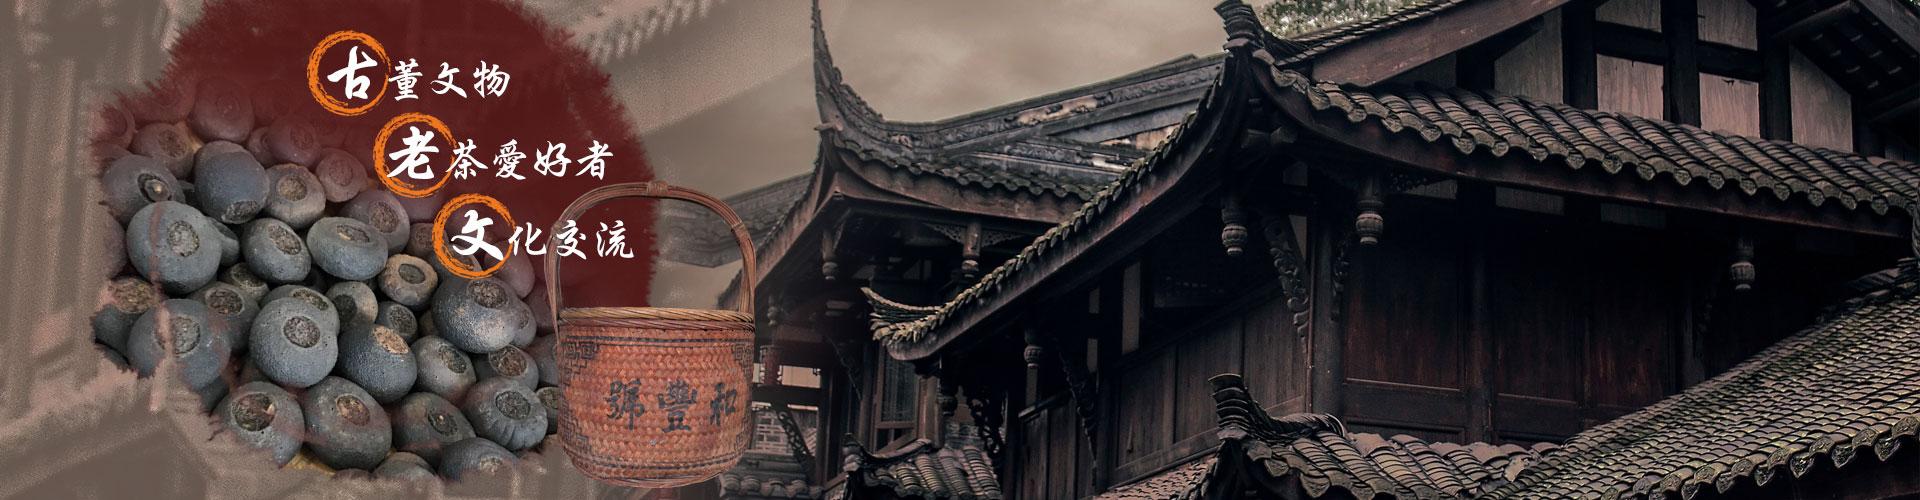 公義民俗文物 Gong Yi Antique